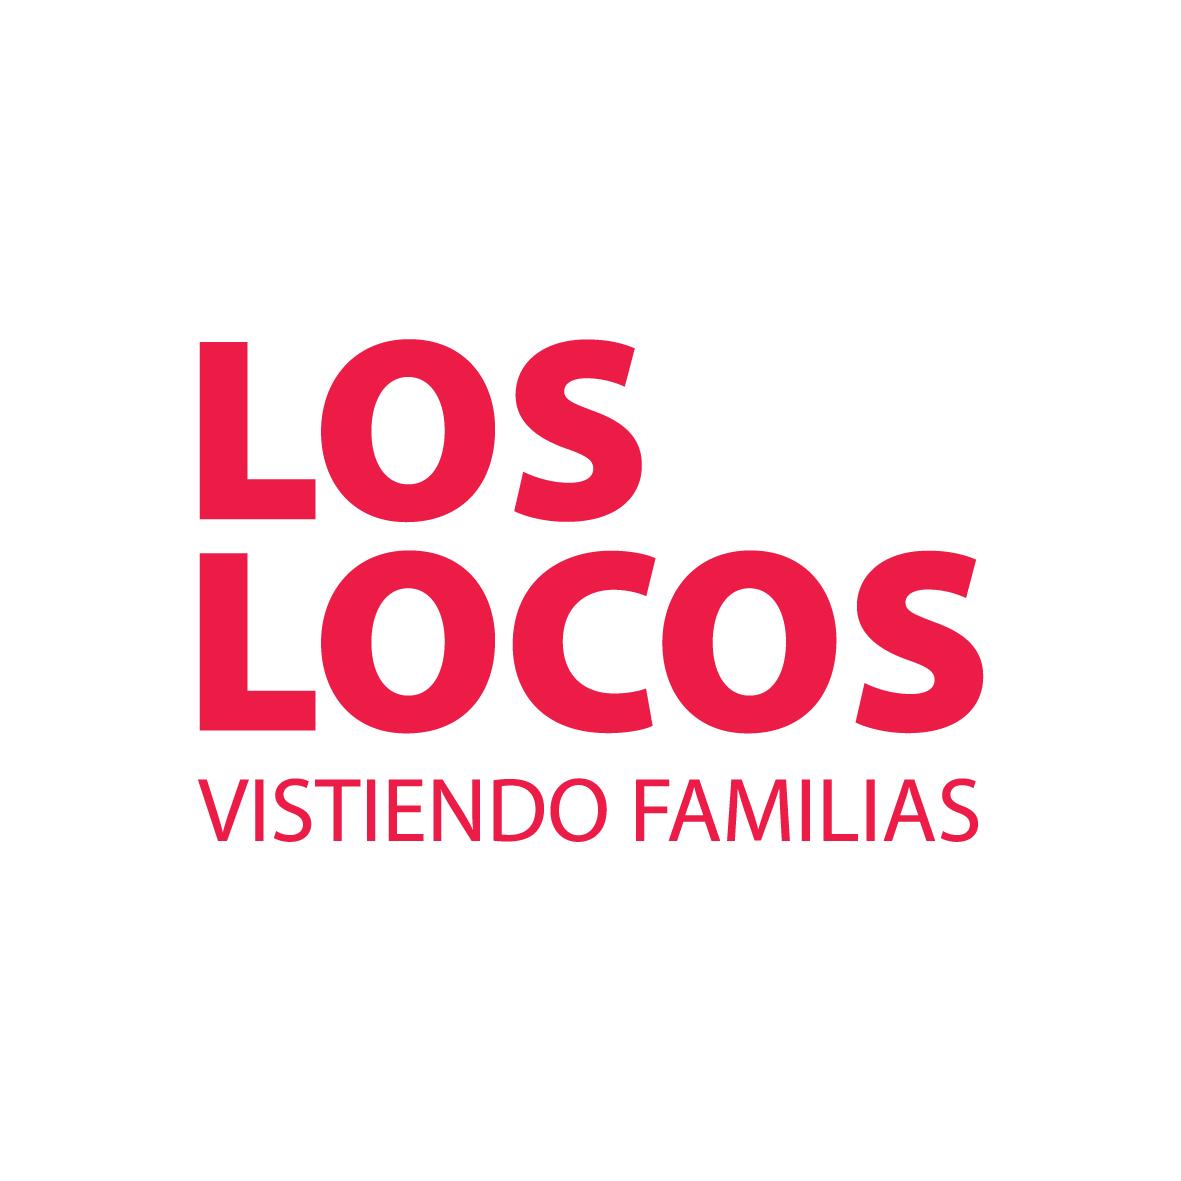 El renacimiento de LOS LOCOS